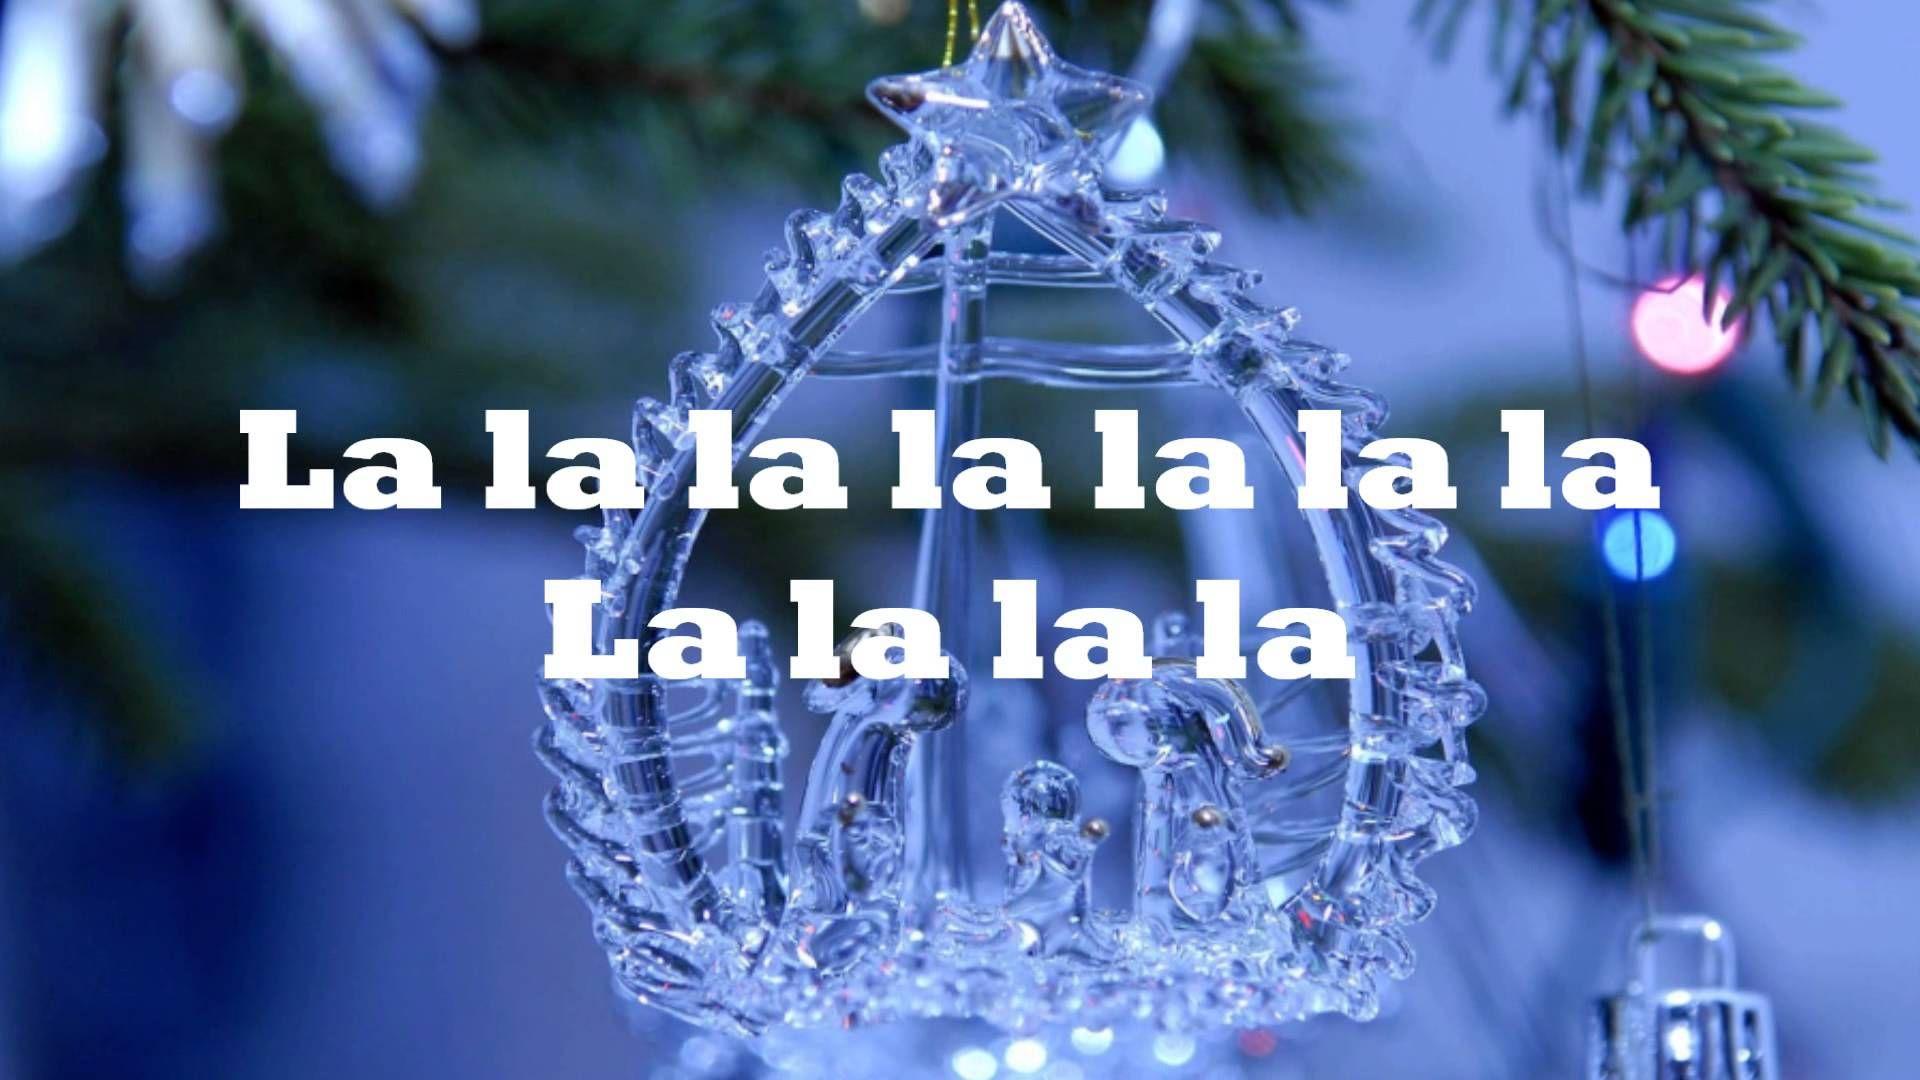 Glory To God With Lyrics Hillsong Christmas 2013 Christmas Songs Youtube Christian Christmas Songs Hillsong Christmas